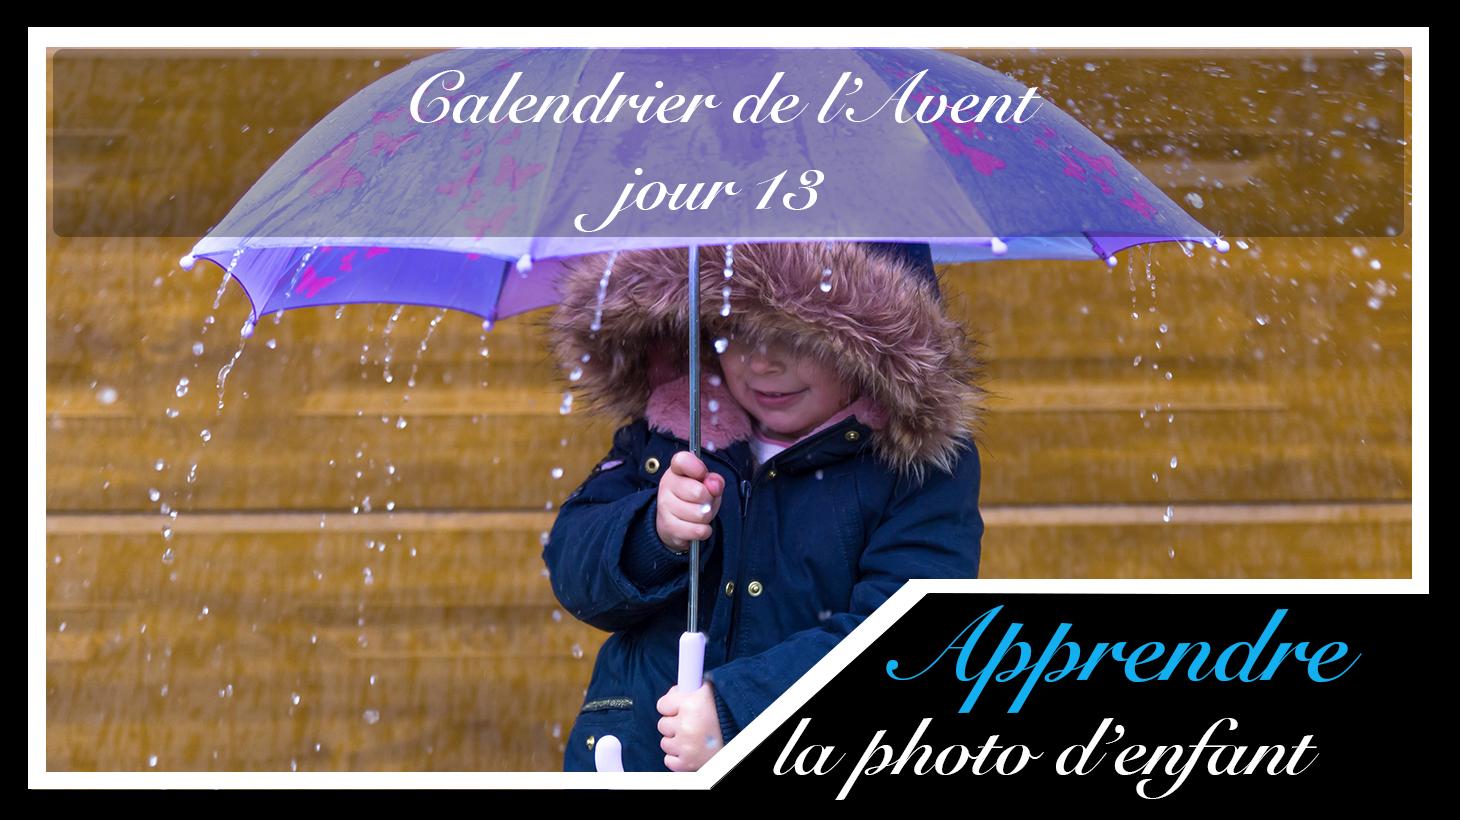 Jour 13 – Calendrier de l'Avent spécial Photo d'enfant